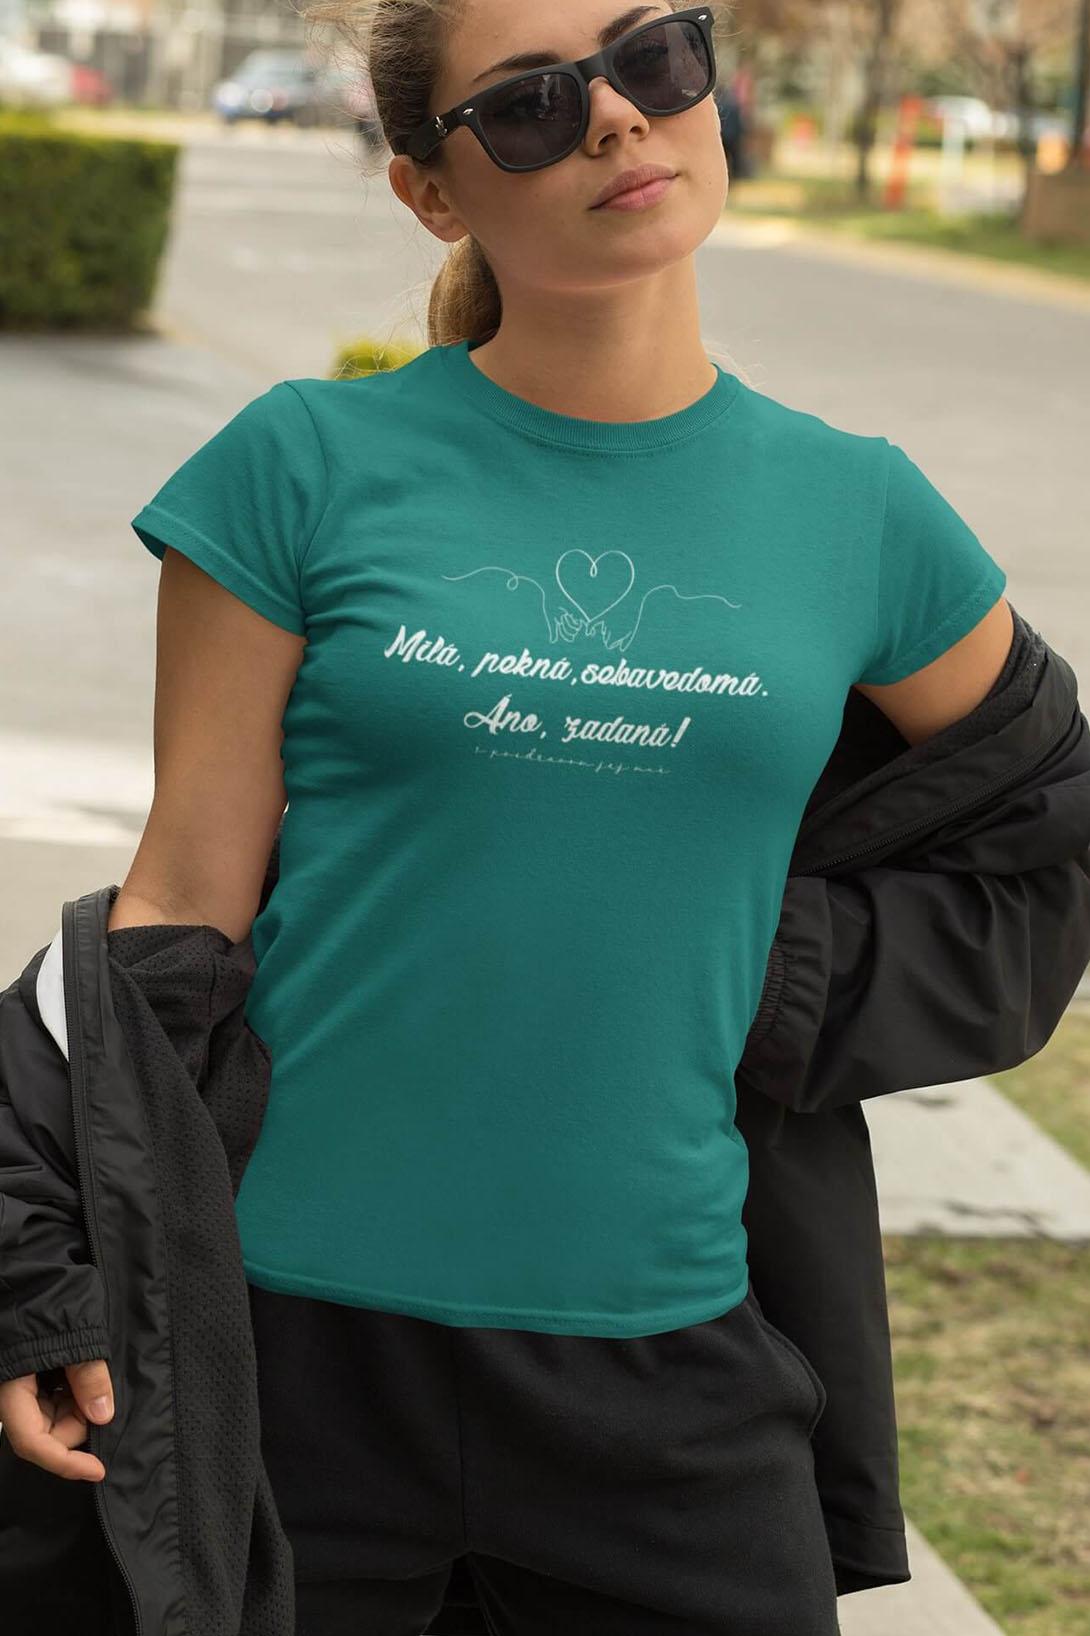 MMO Dámske tričko Milá, pekná, sebavedomá Vyberte farbu: Smaragdovozelená, Vyberte veľkosť: M